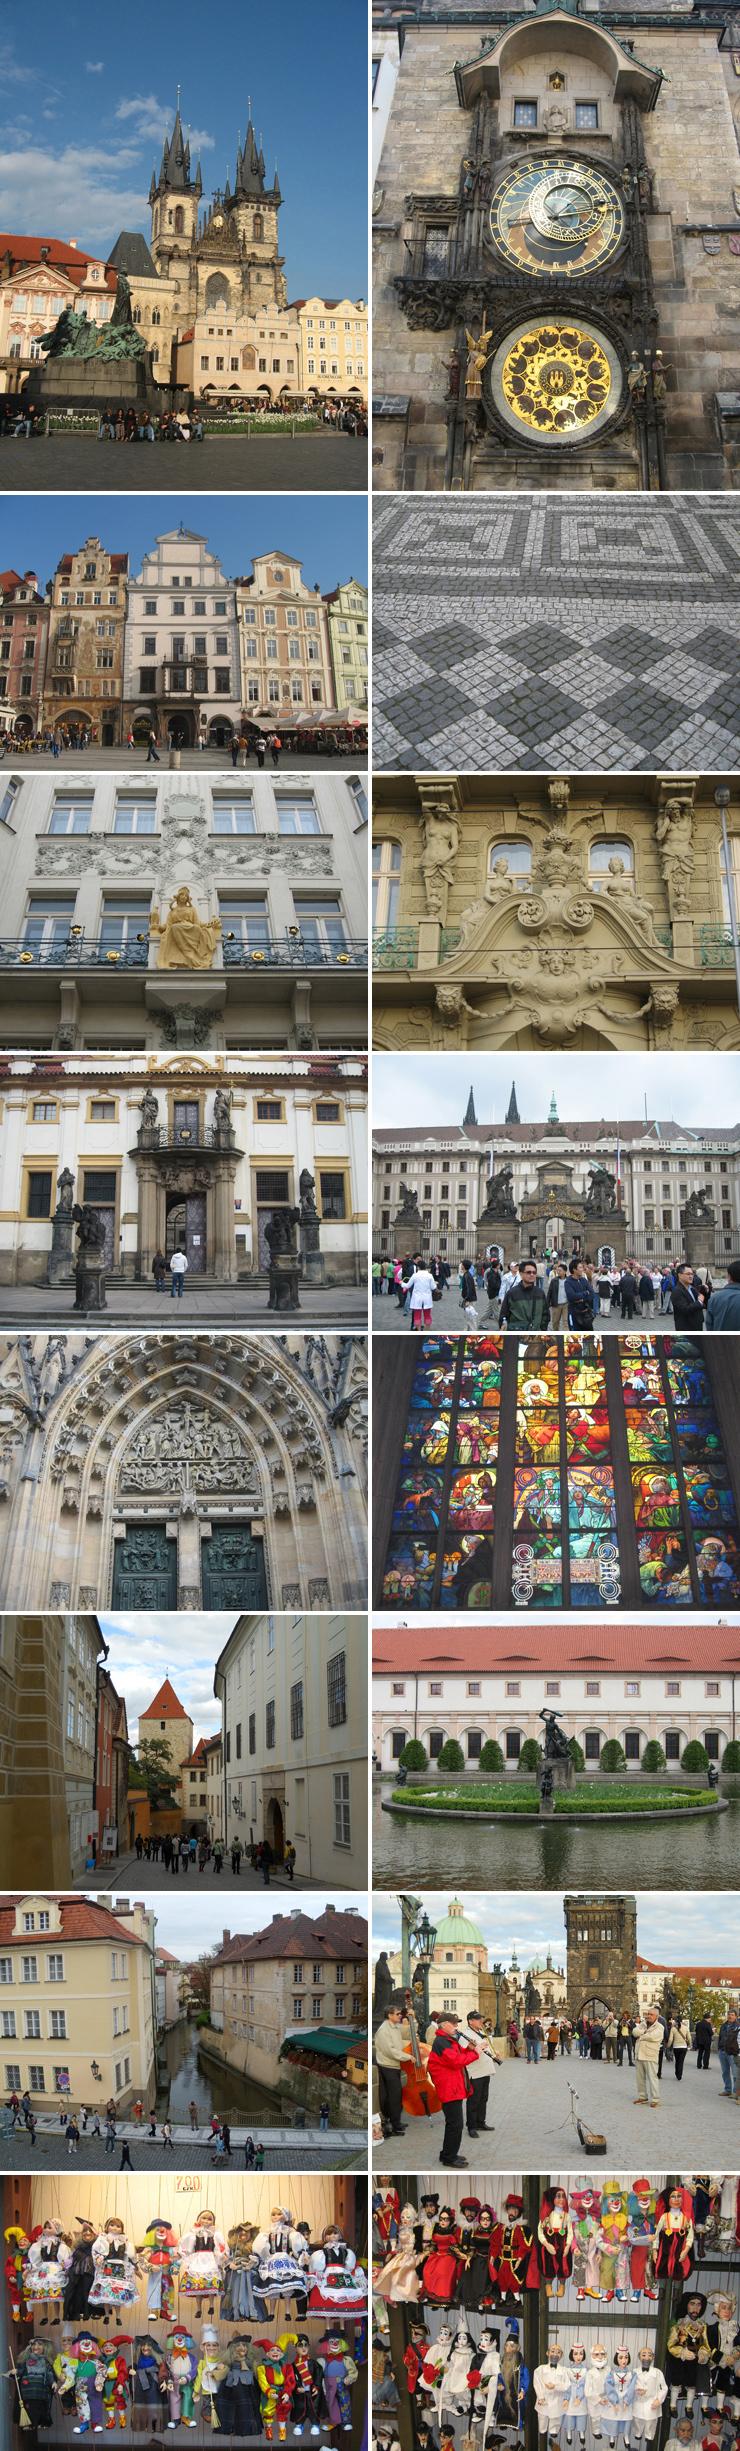 тур в Прагу, поехать в Прагу, в Прагу на самолете, тур в Чехию из Украины